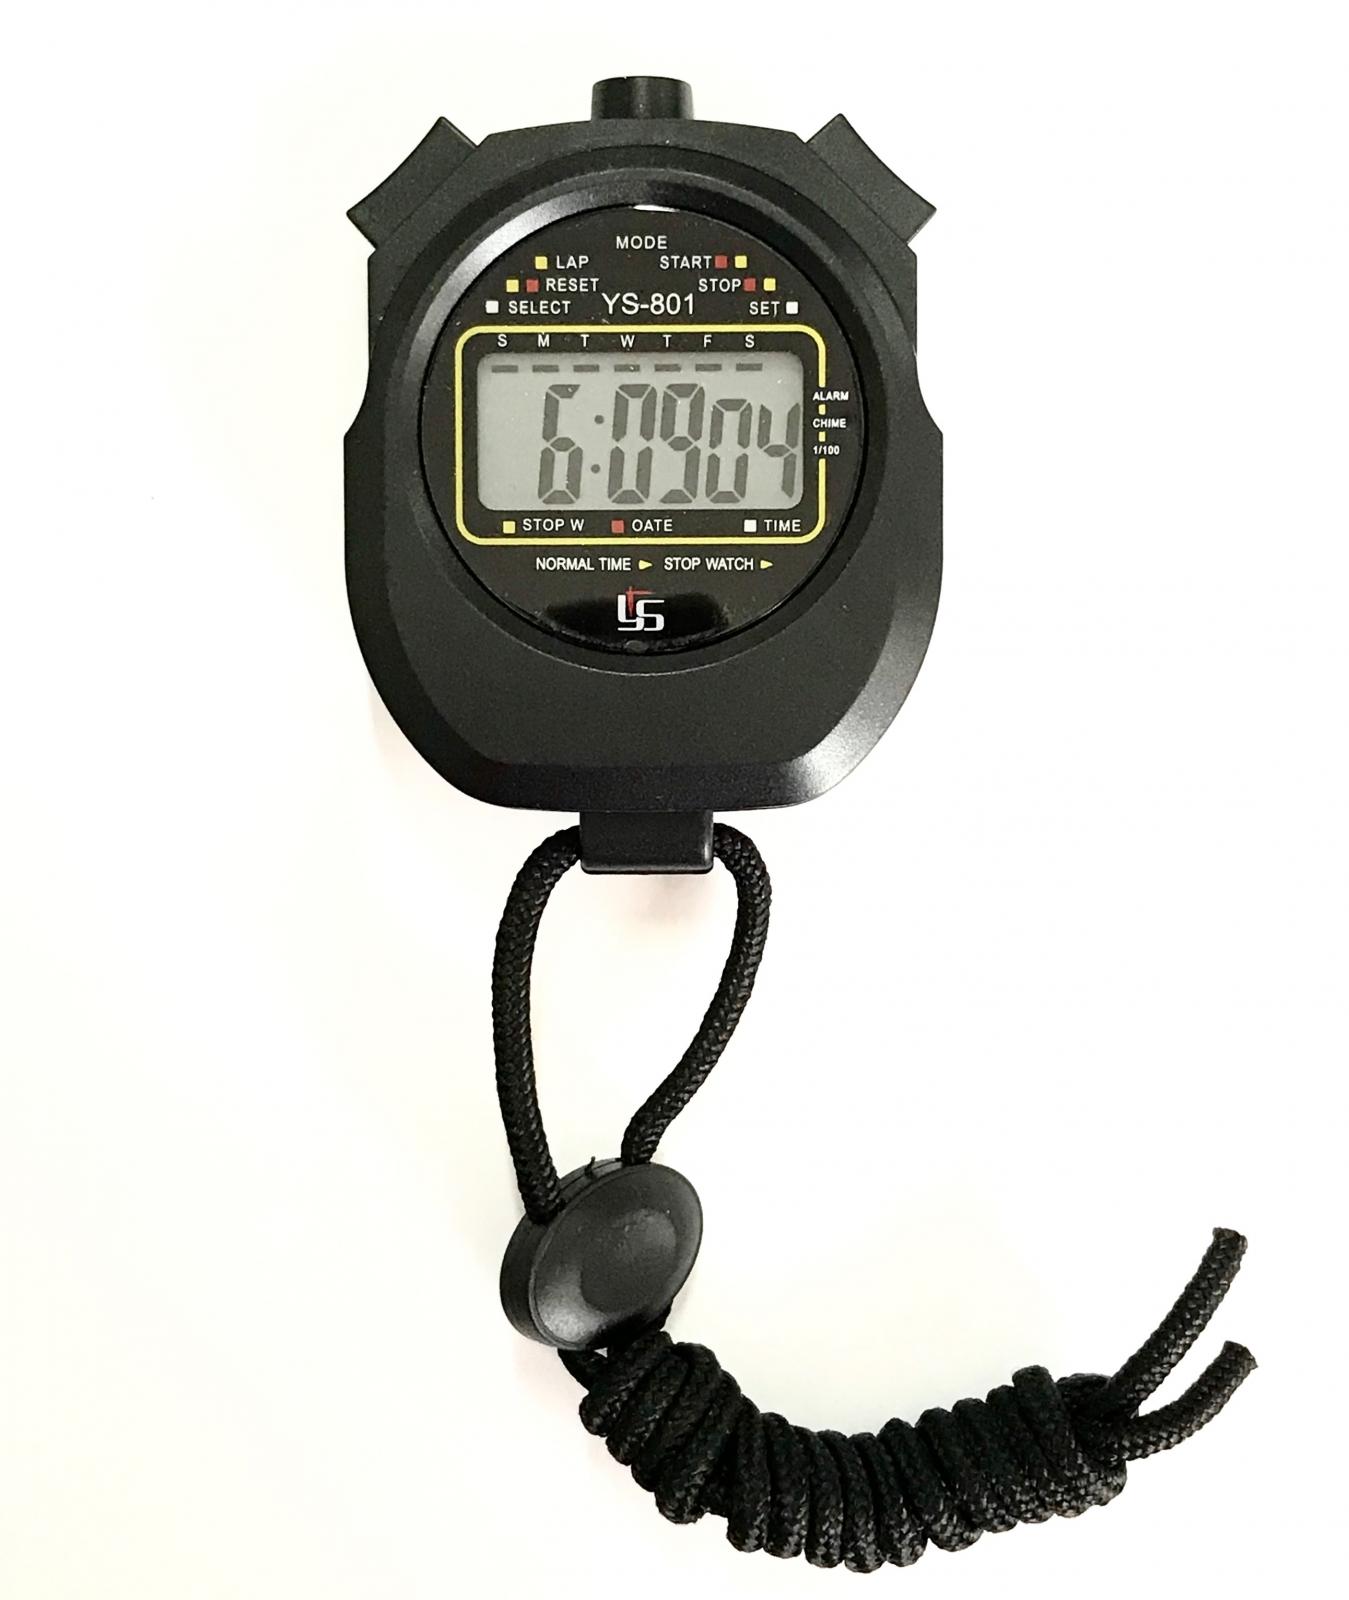 Купить в Москве электронный спортивный секундомер с часами